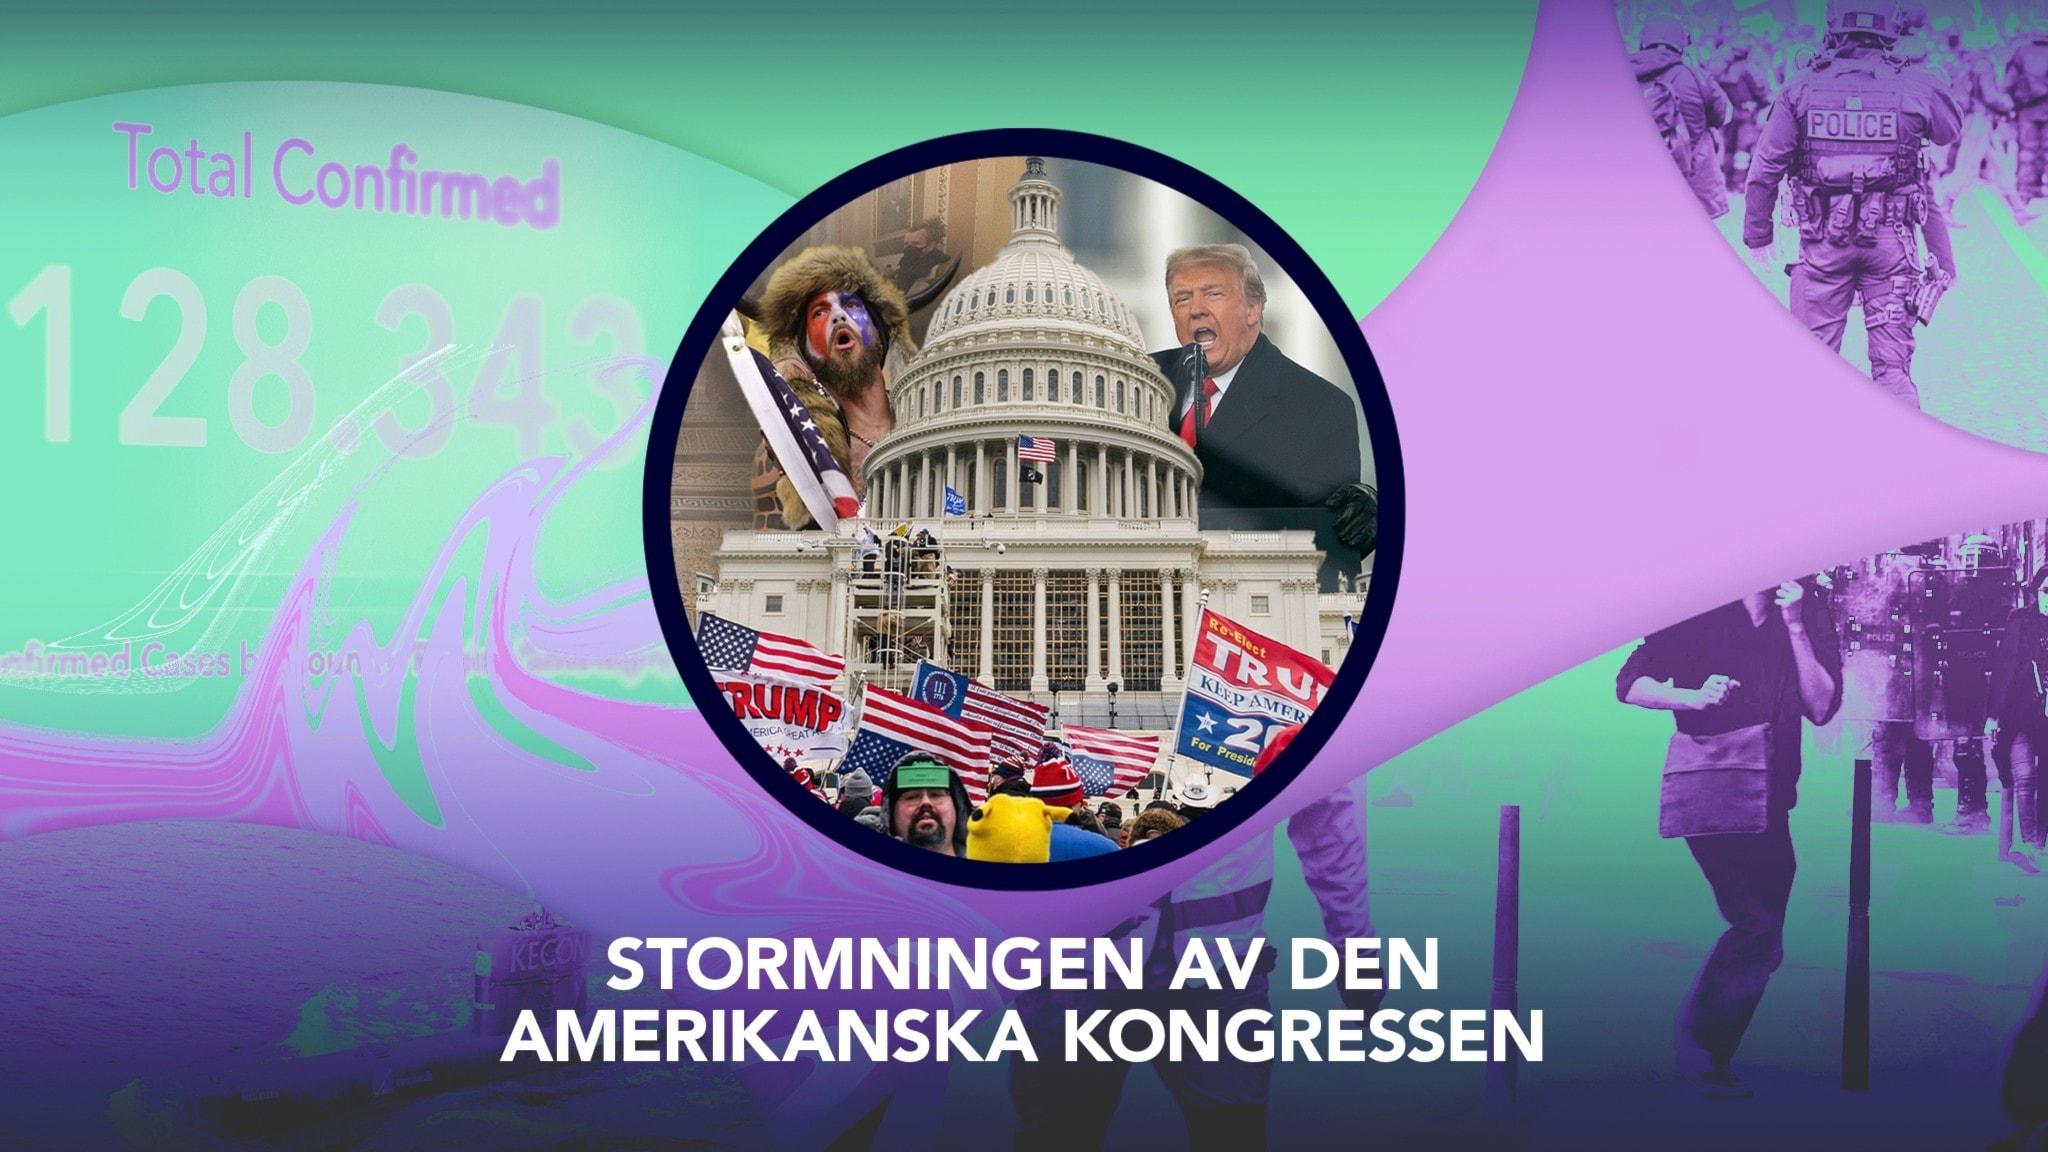 Omslag P3 Nyheter Dokumentär, bilder på en man med pälsmössa, Donald Trump och den amerikanska kongressen.